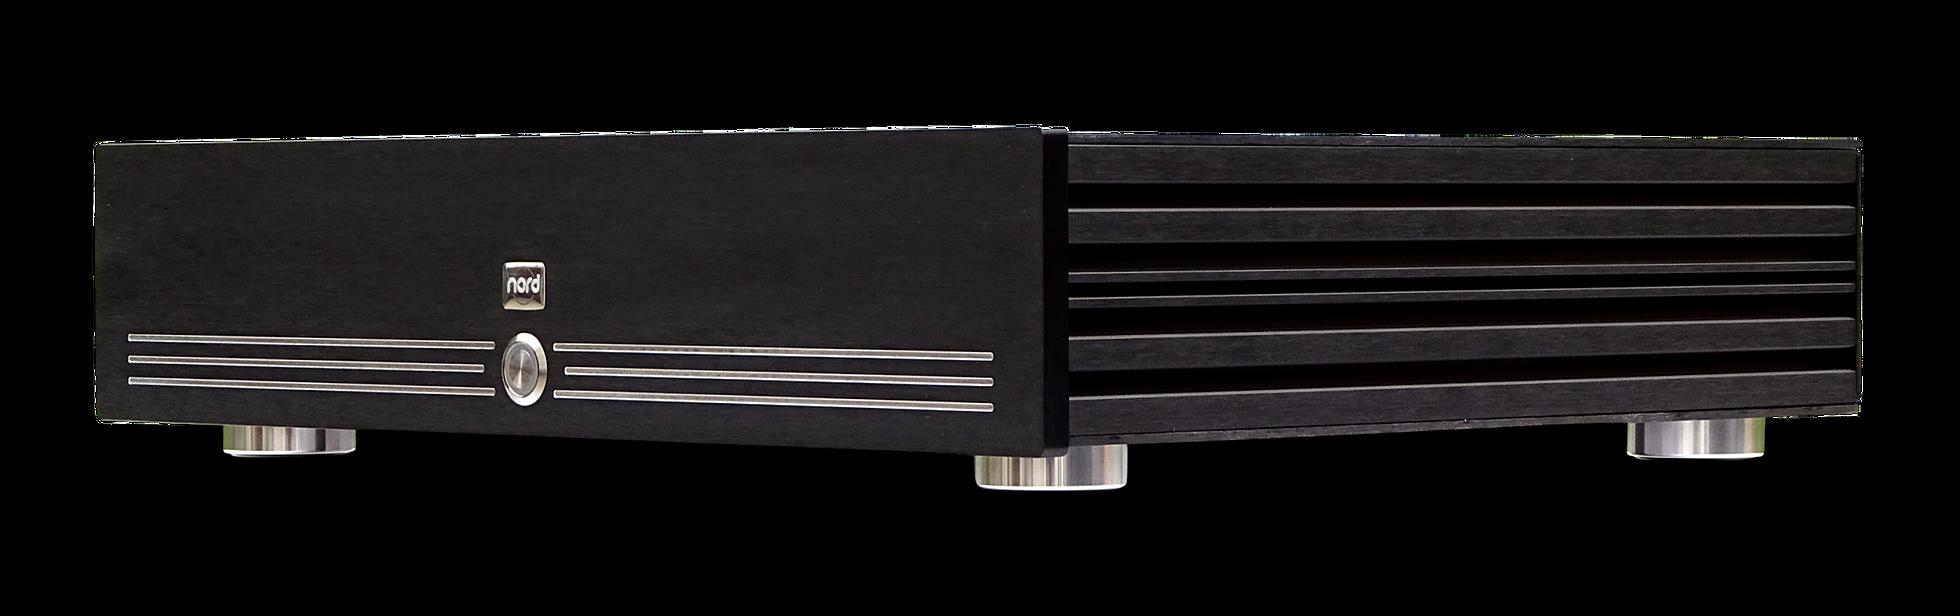 Nord Acoustics NC500DM MKII Hypex NCore 3x500W Effektforsterker -CUSTOM BYGGET-